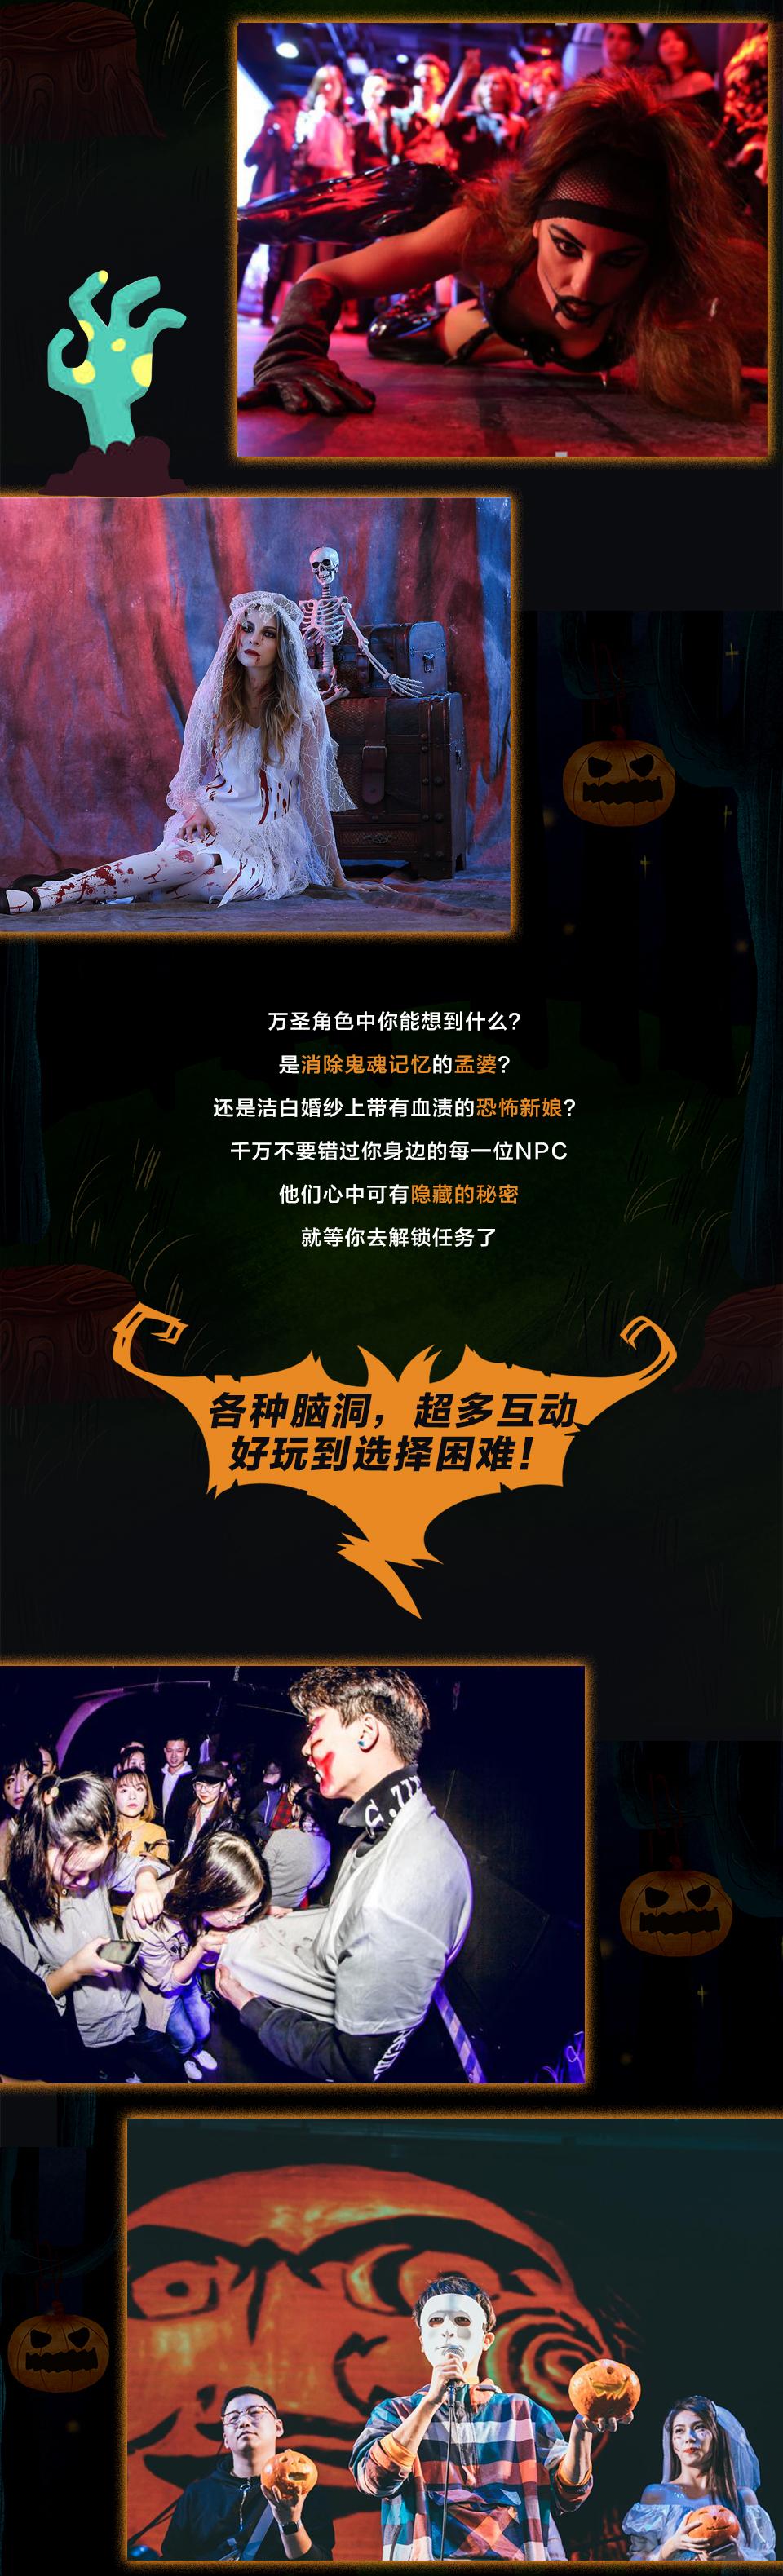 2021万圣节长图文22-终_06.jpg